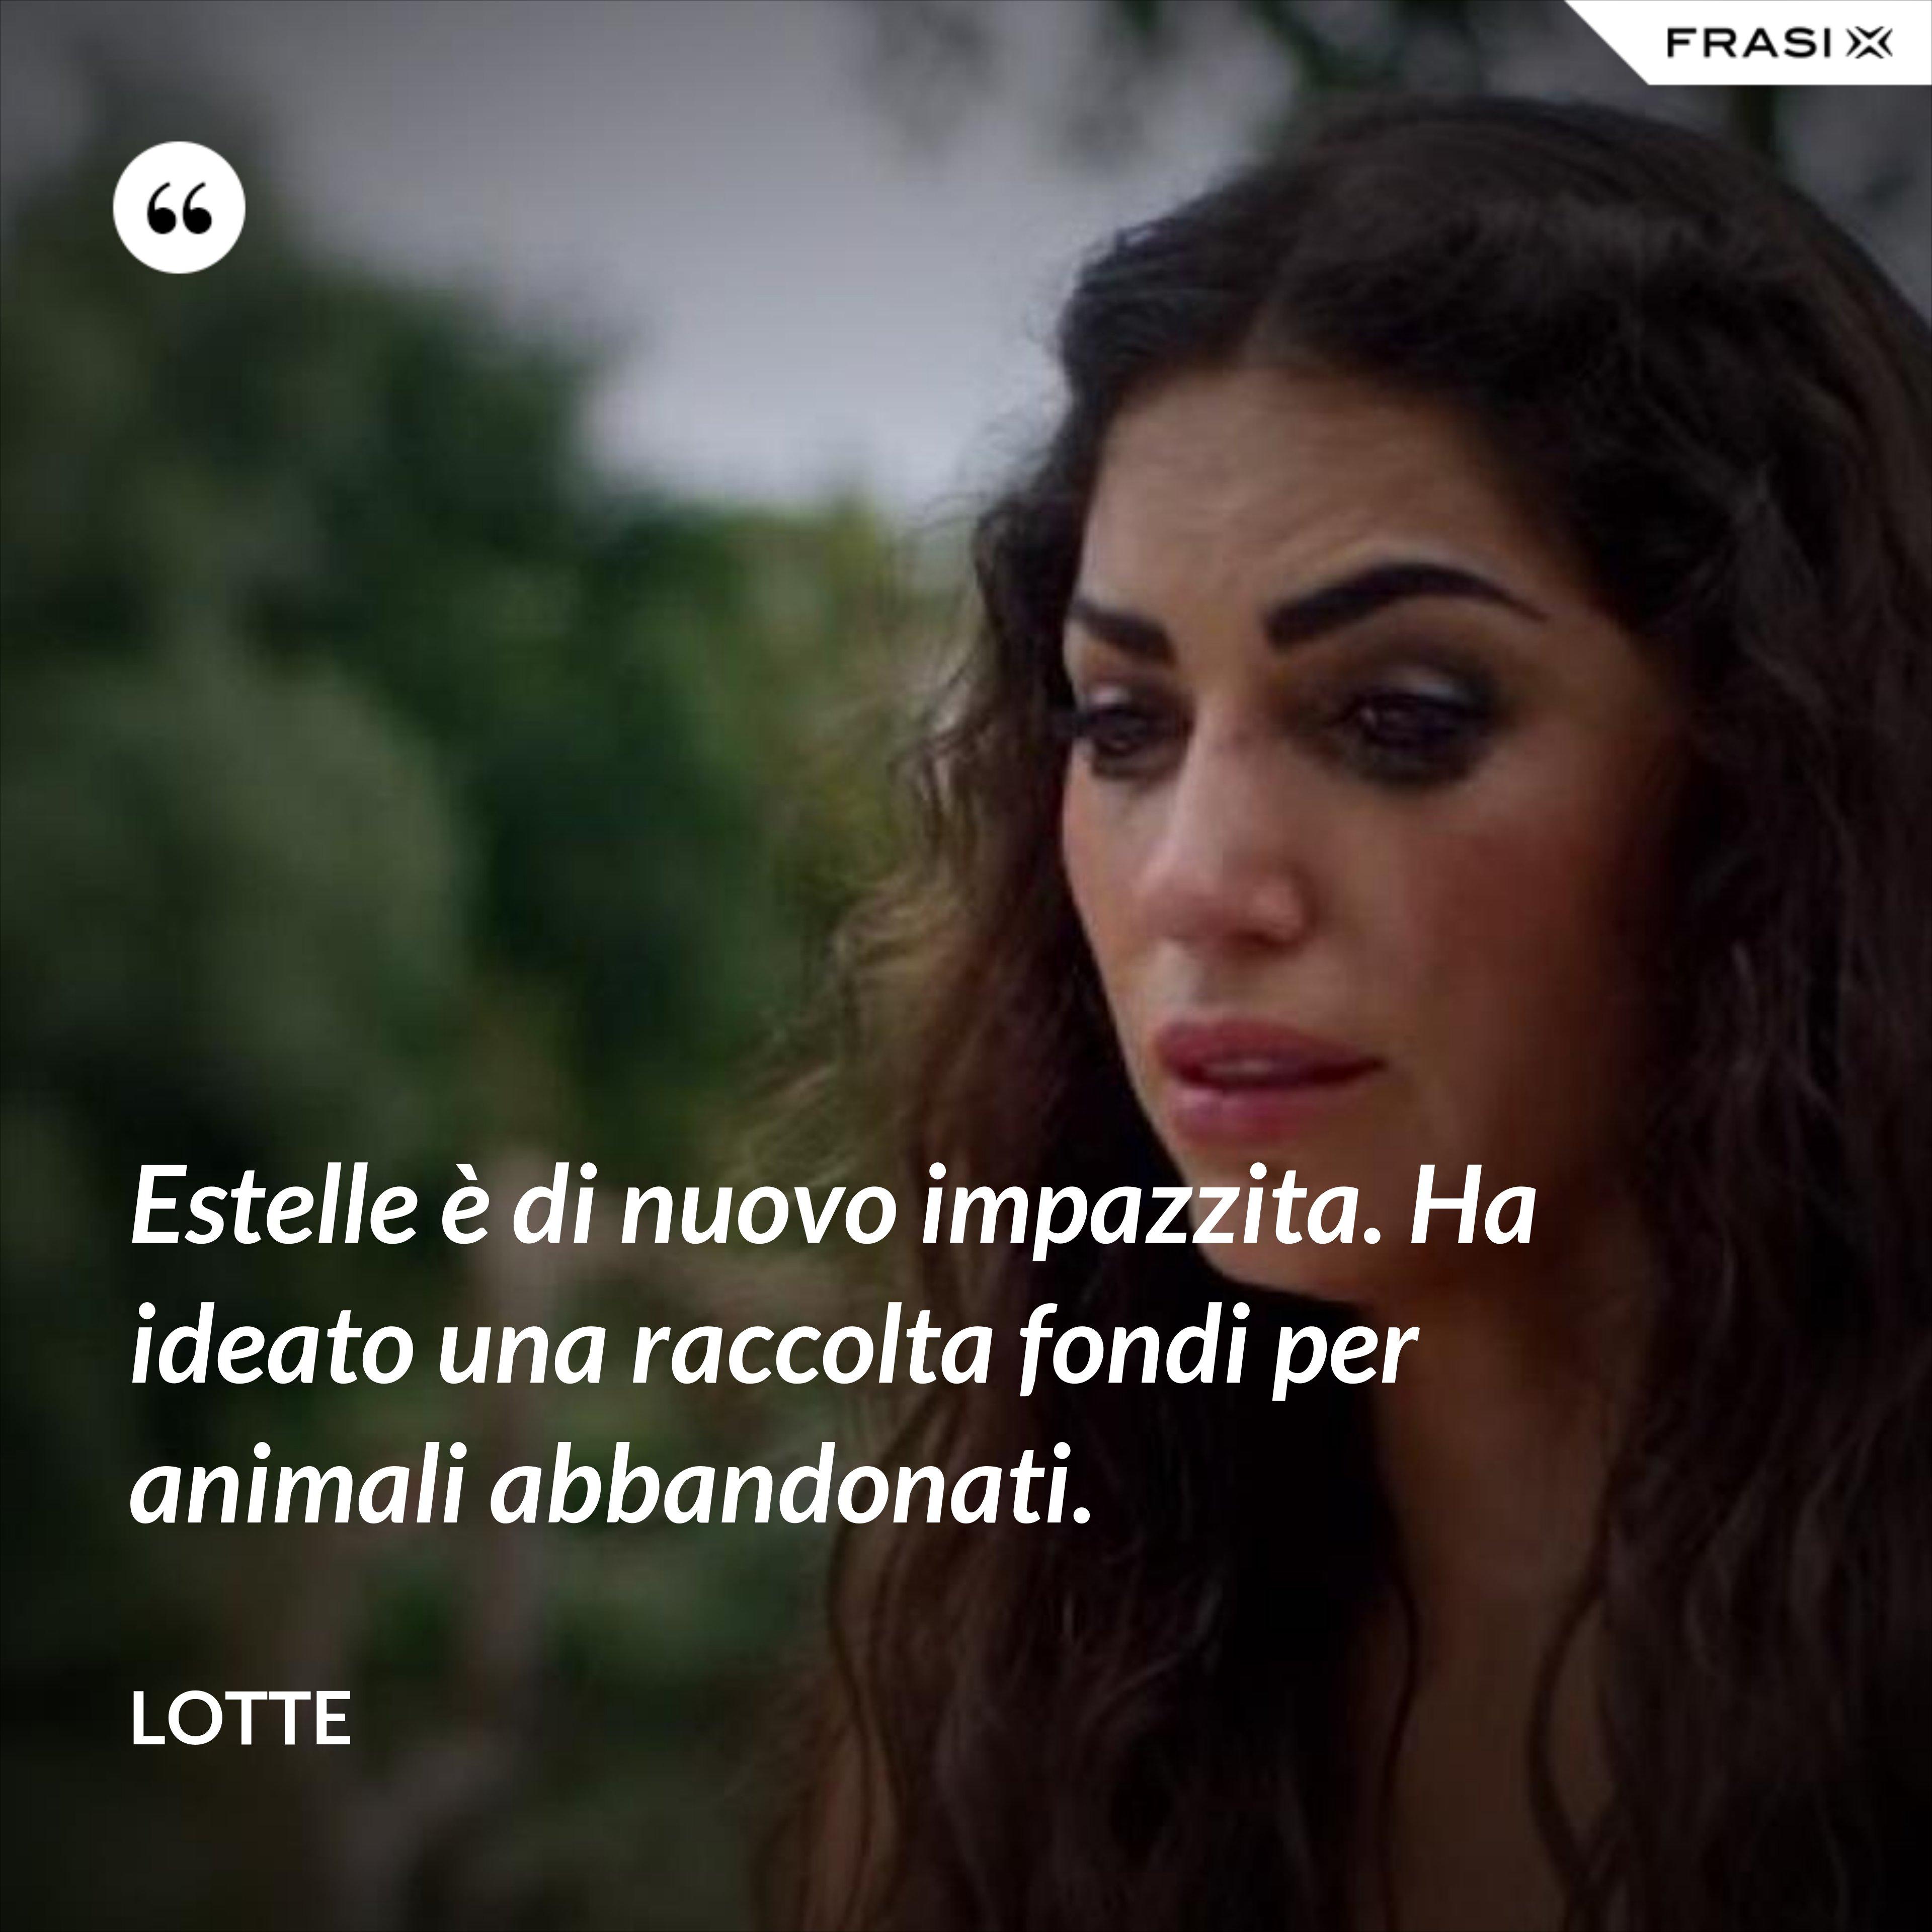 Estelle è di nuovo impazzita. Ha ideato una raccolta fondi per animali abbandonati. - Lotte